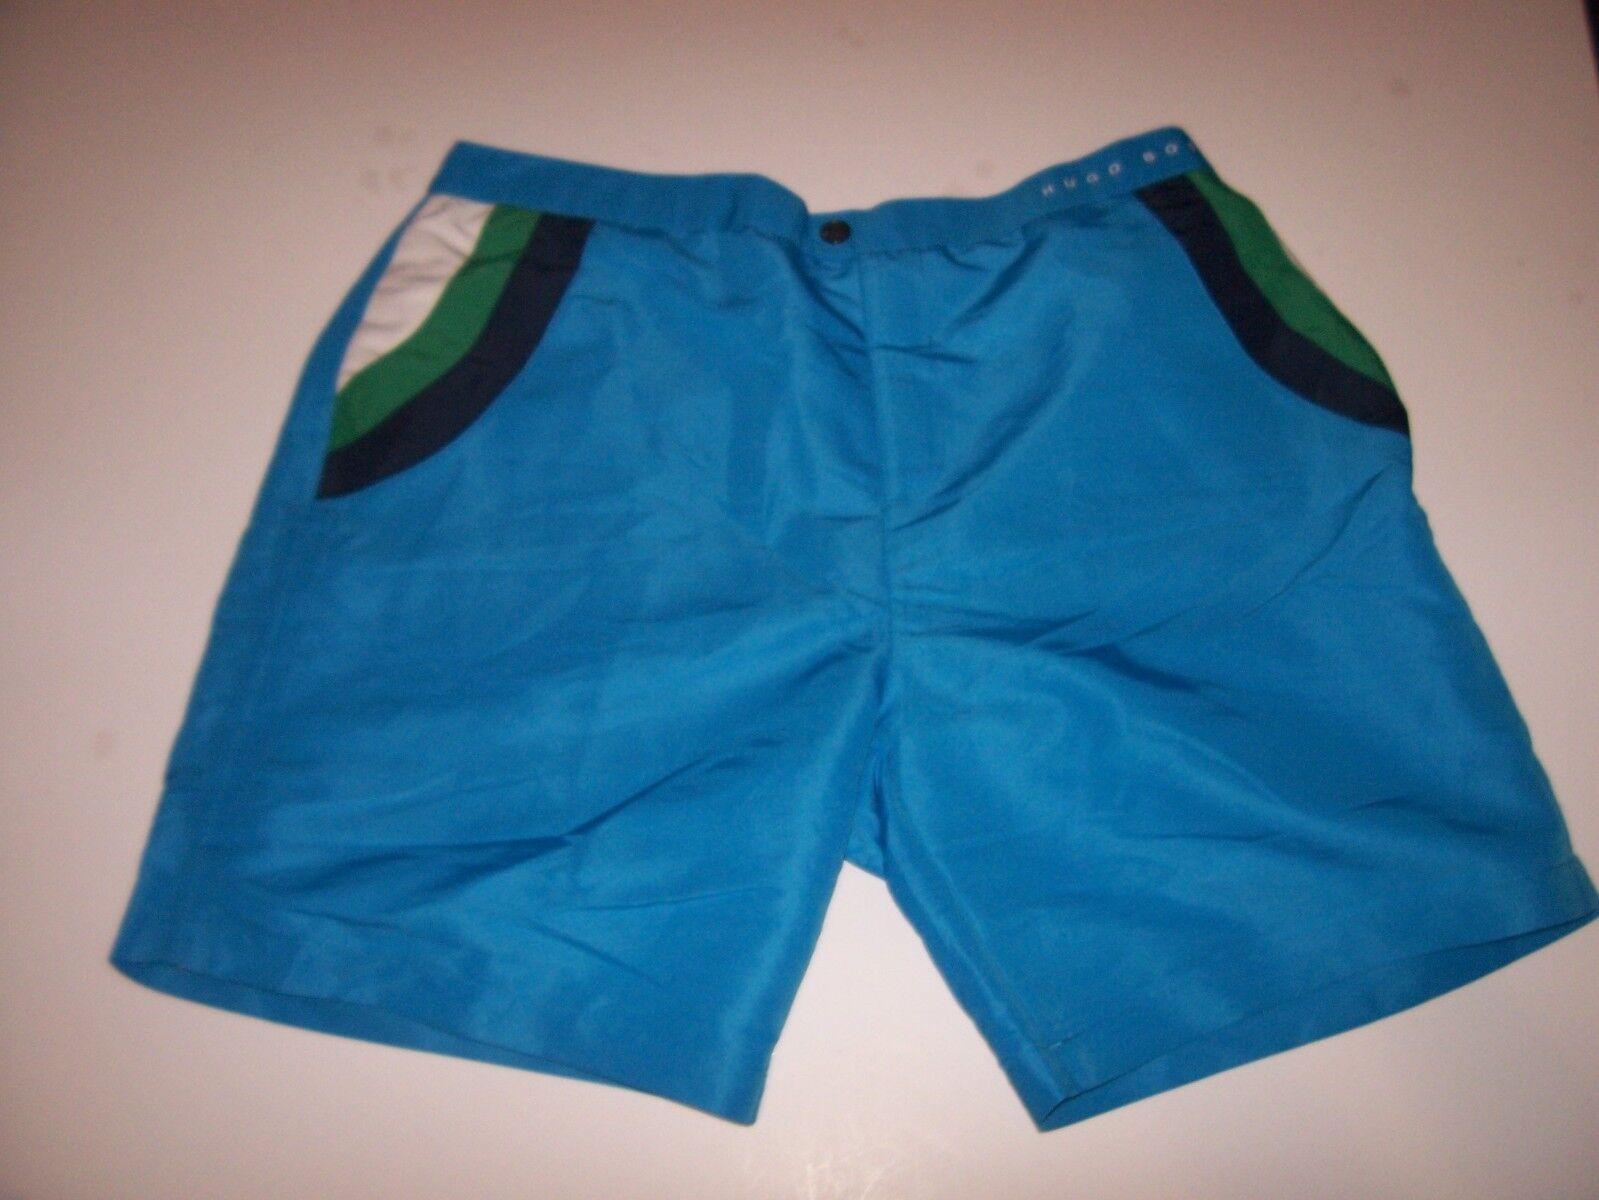 NEW HUGO BOSS turquoise RAINBOWFISH swim trunks board shorts swimsuit large XL